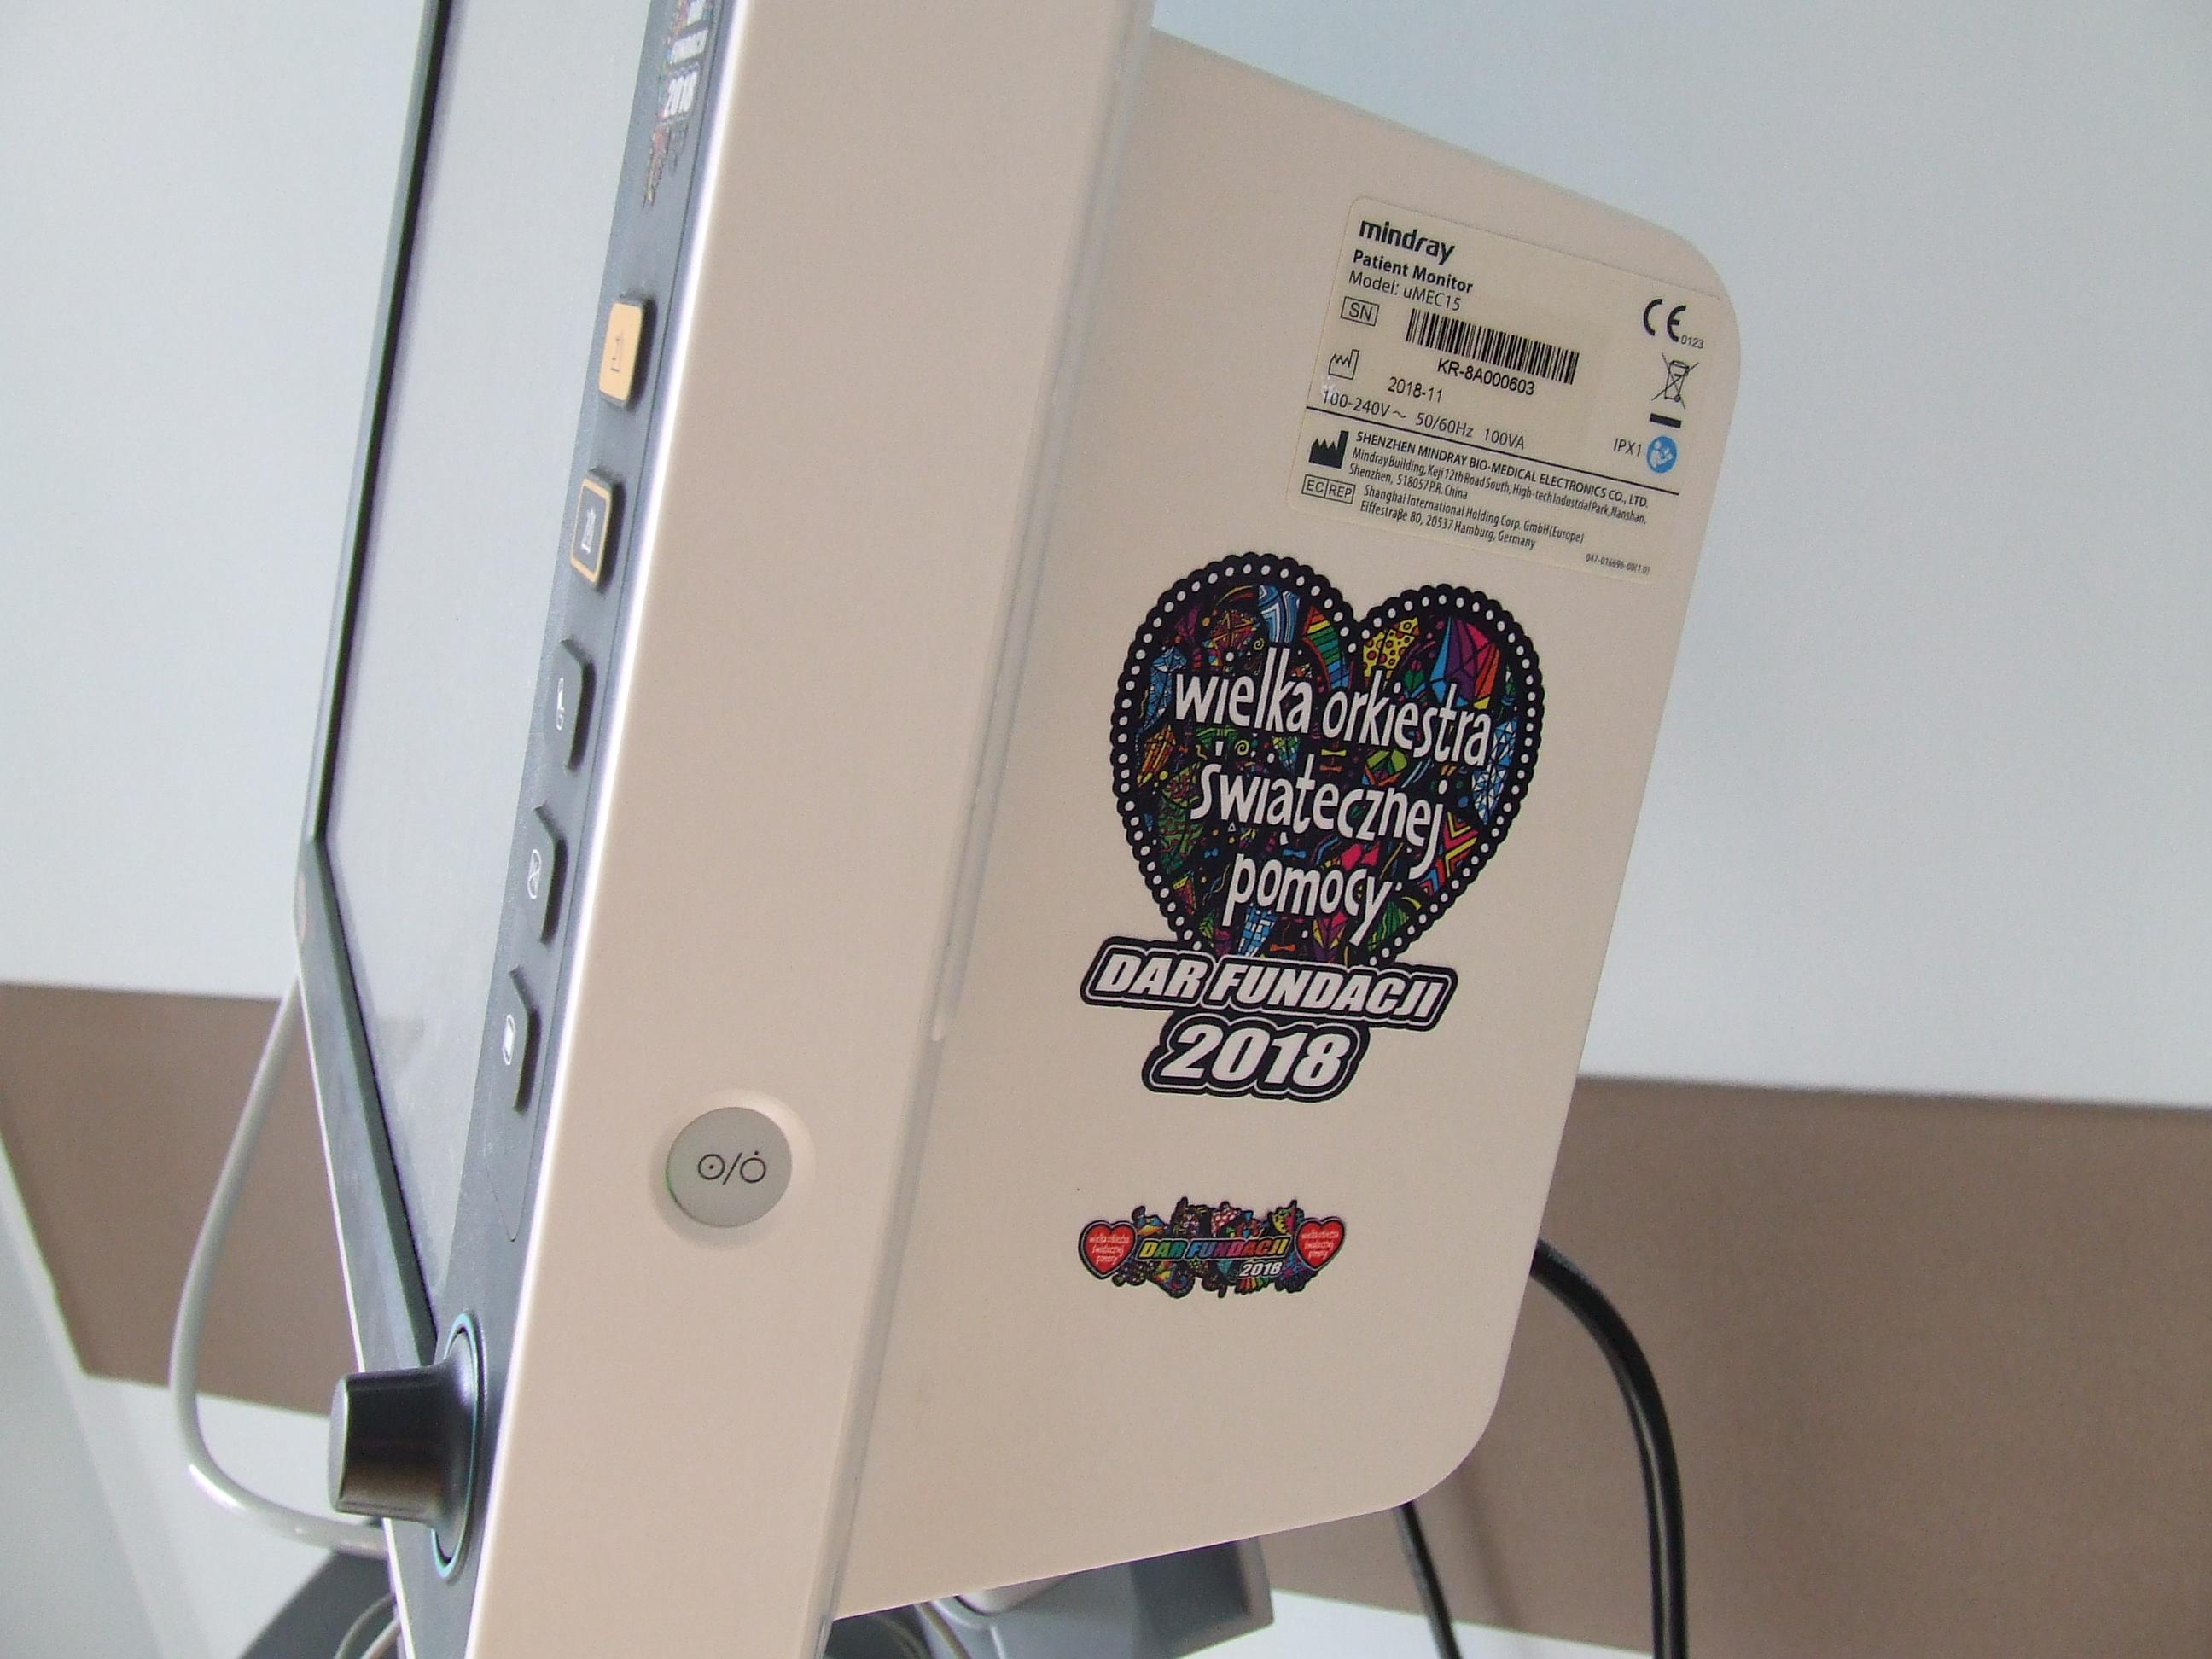 Sprzęt za 120 tysięcy z WOŚP trafił do wadowickiego szpitala [FOTO]